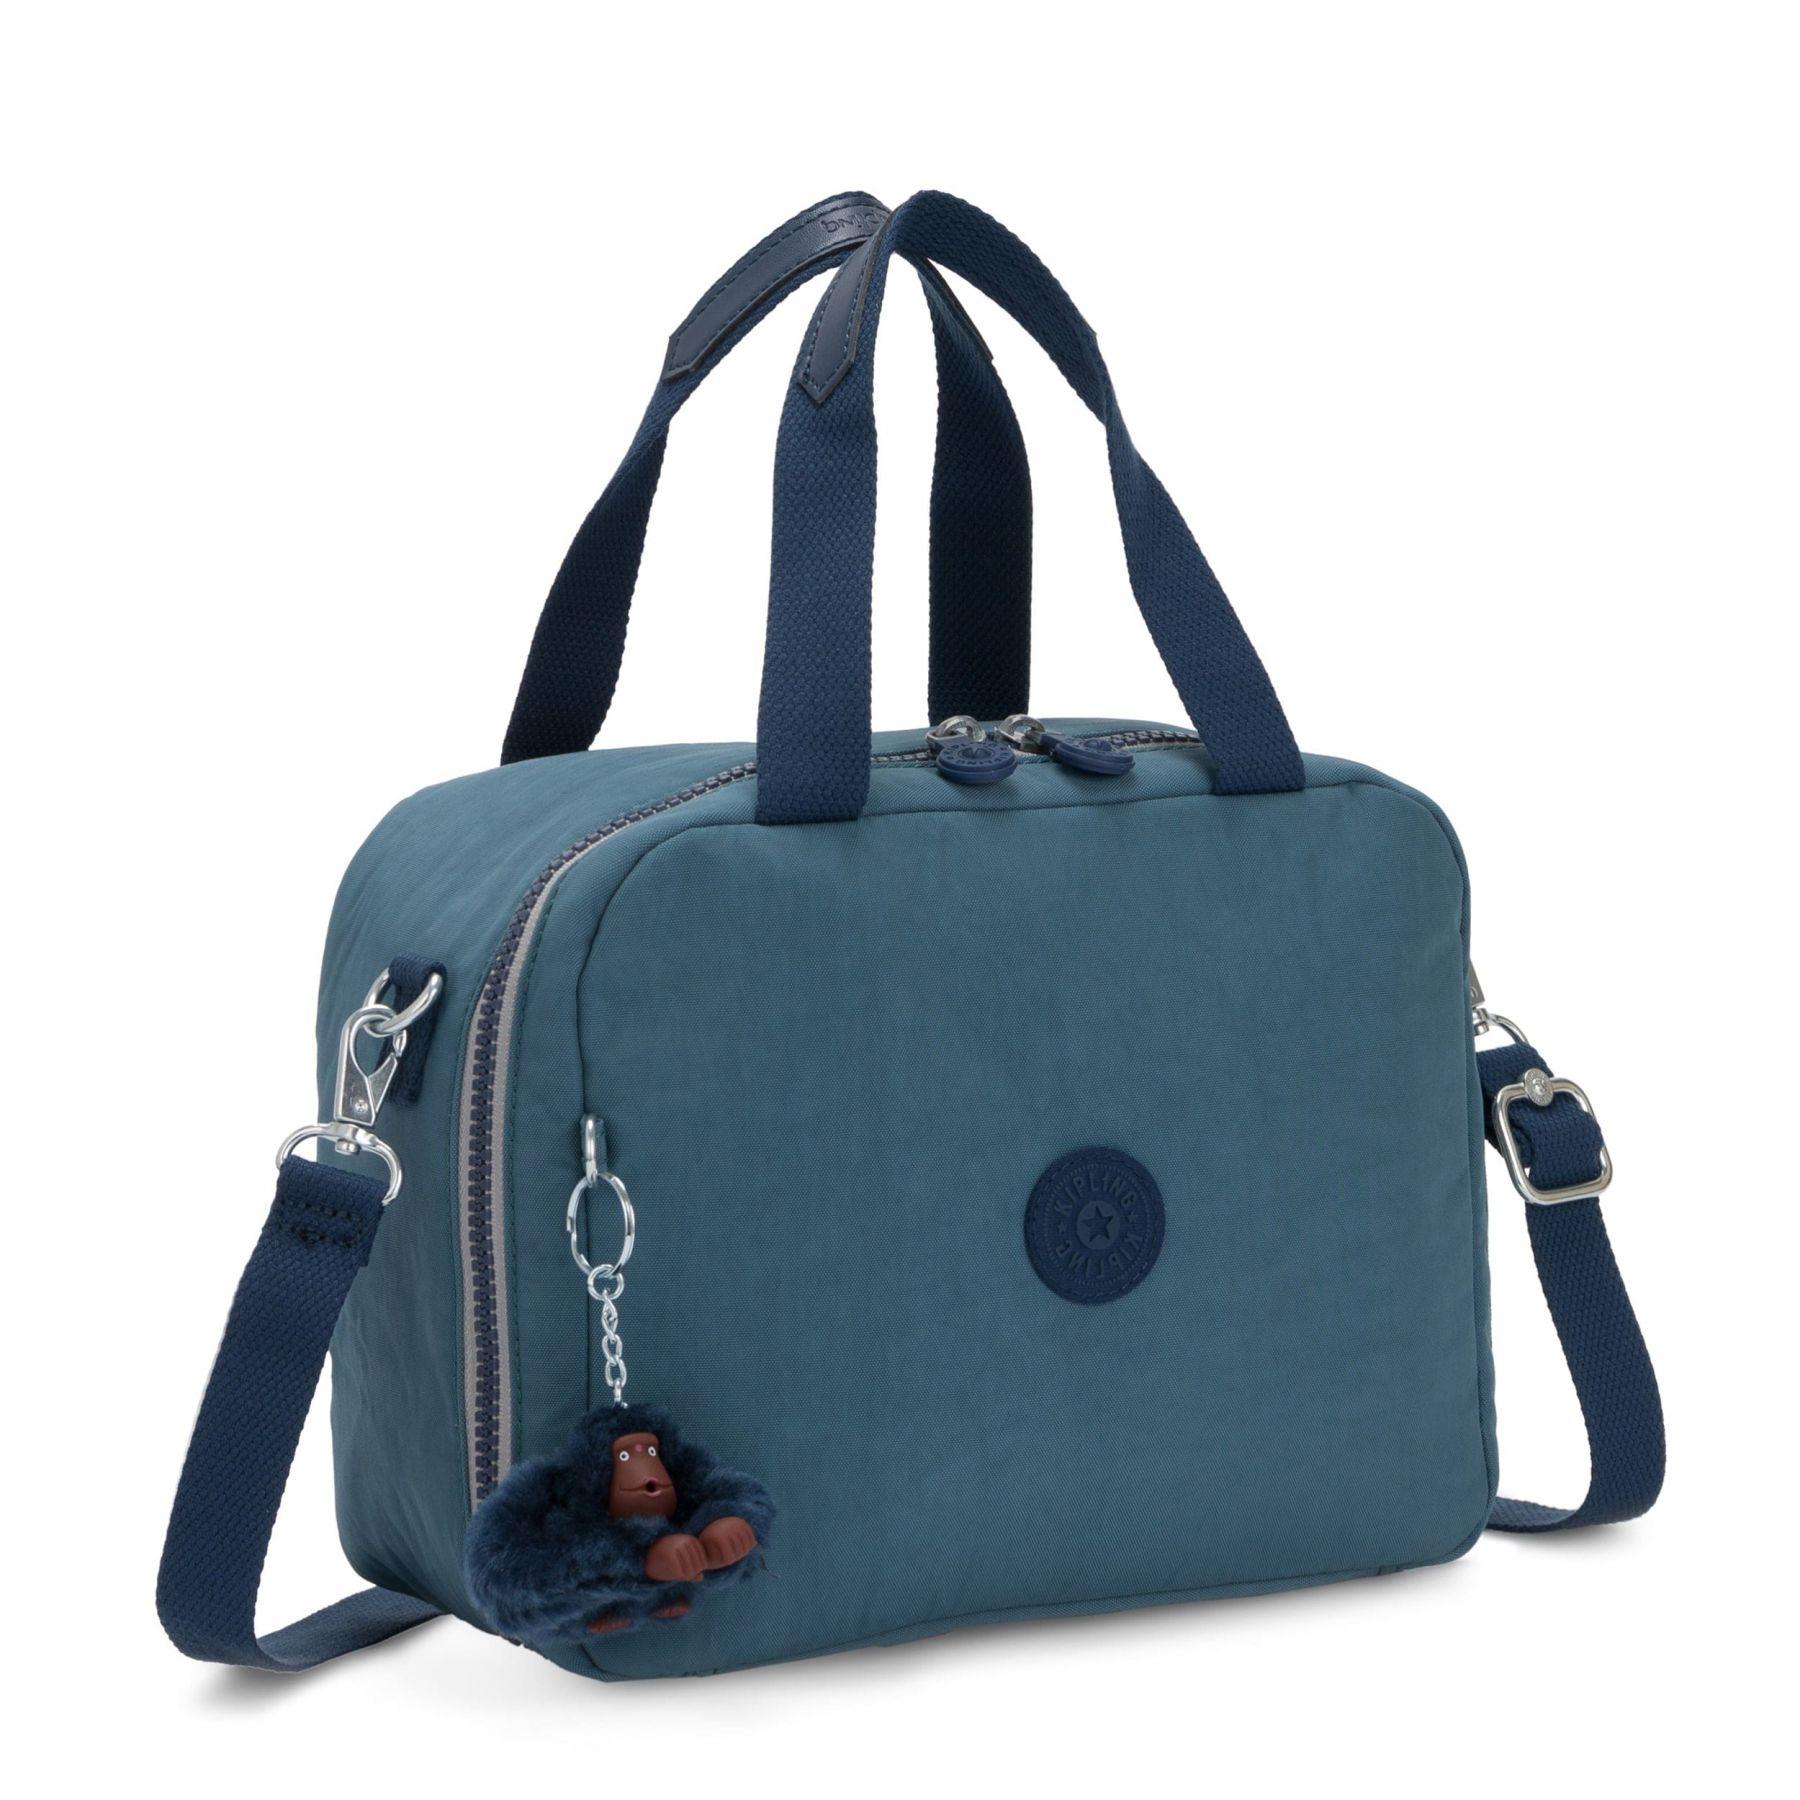 MIYO SCHOOL BAGS by Kipling